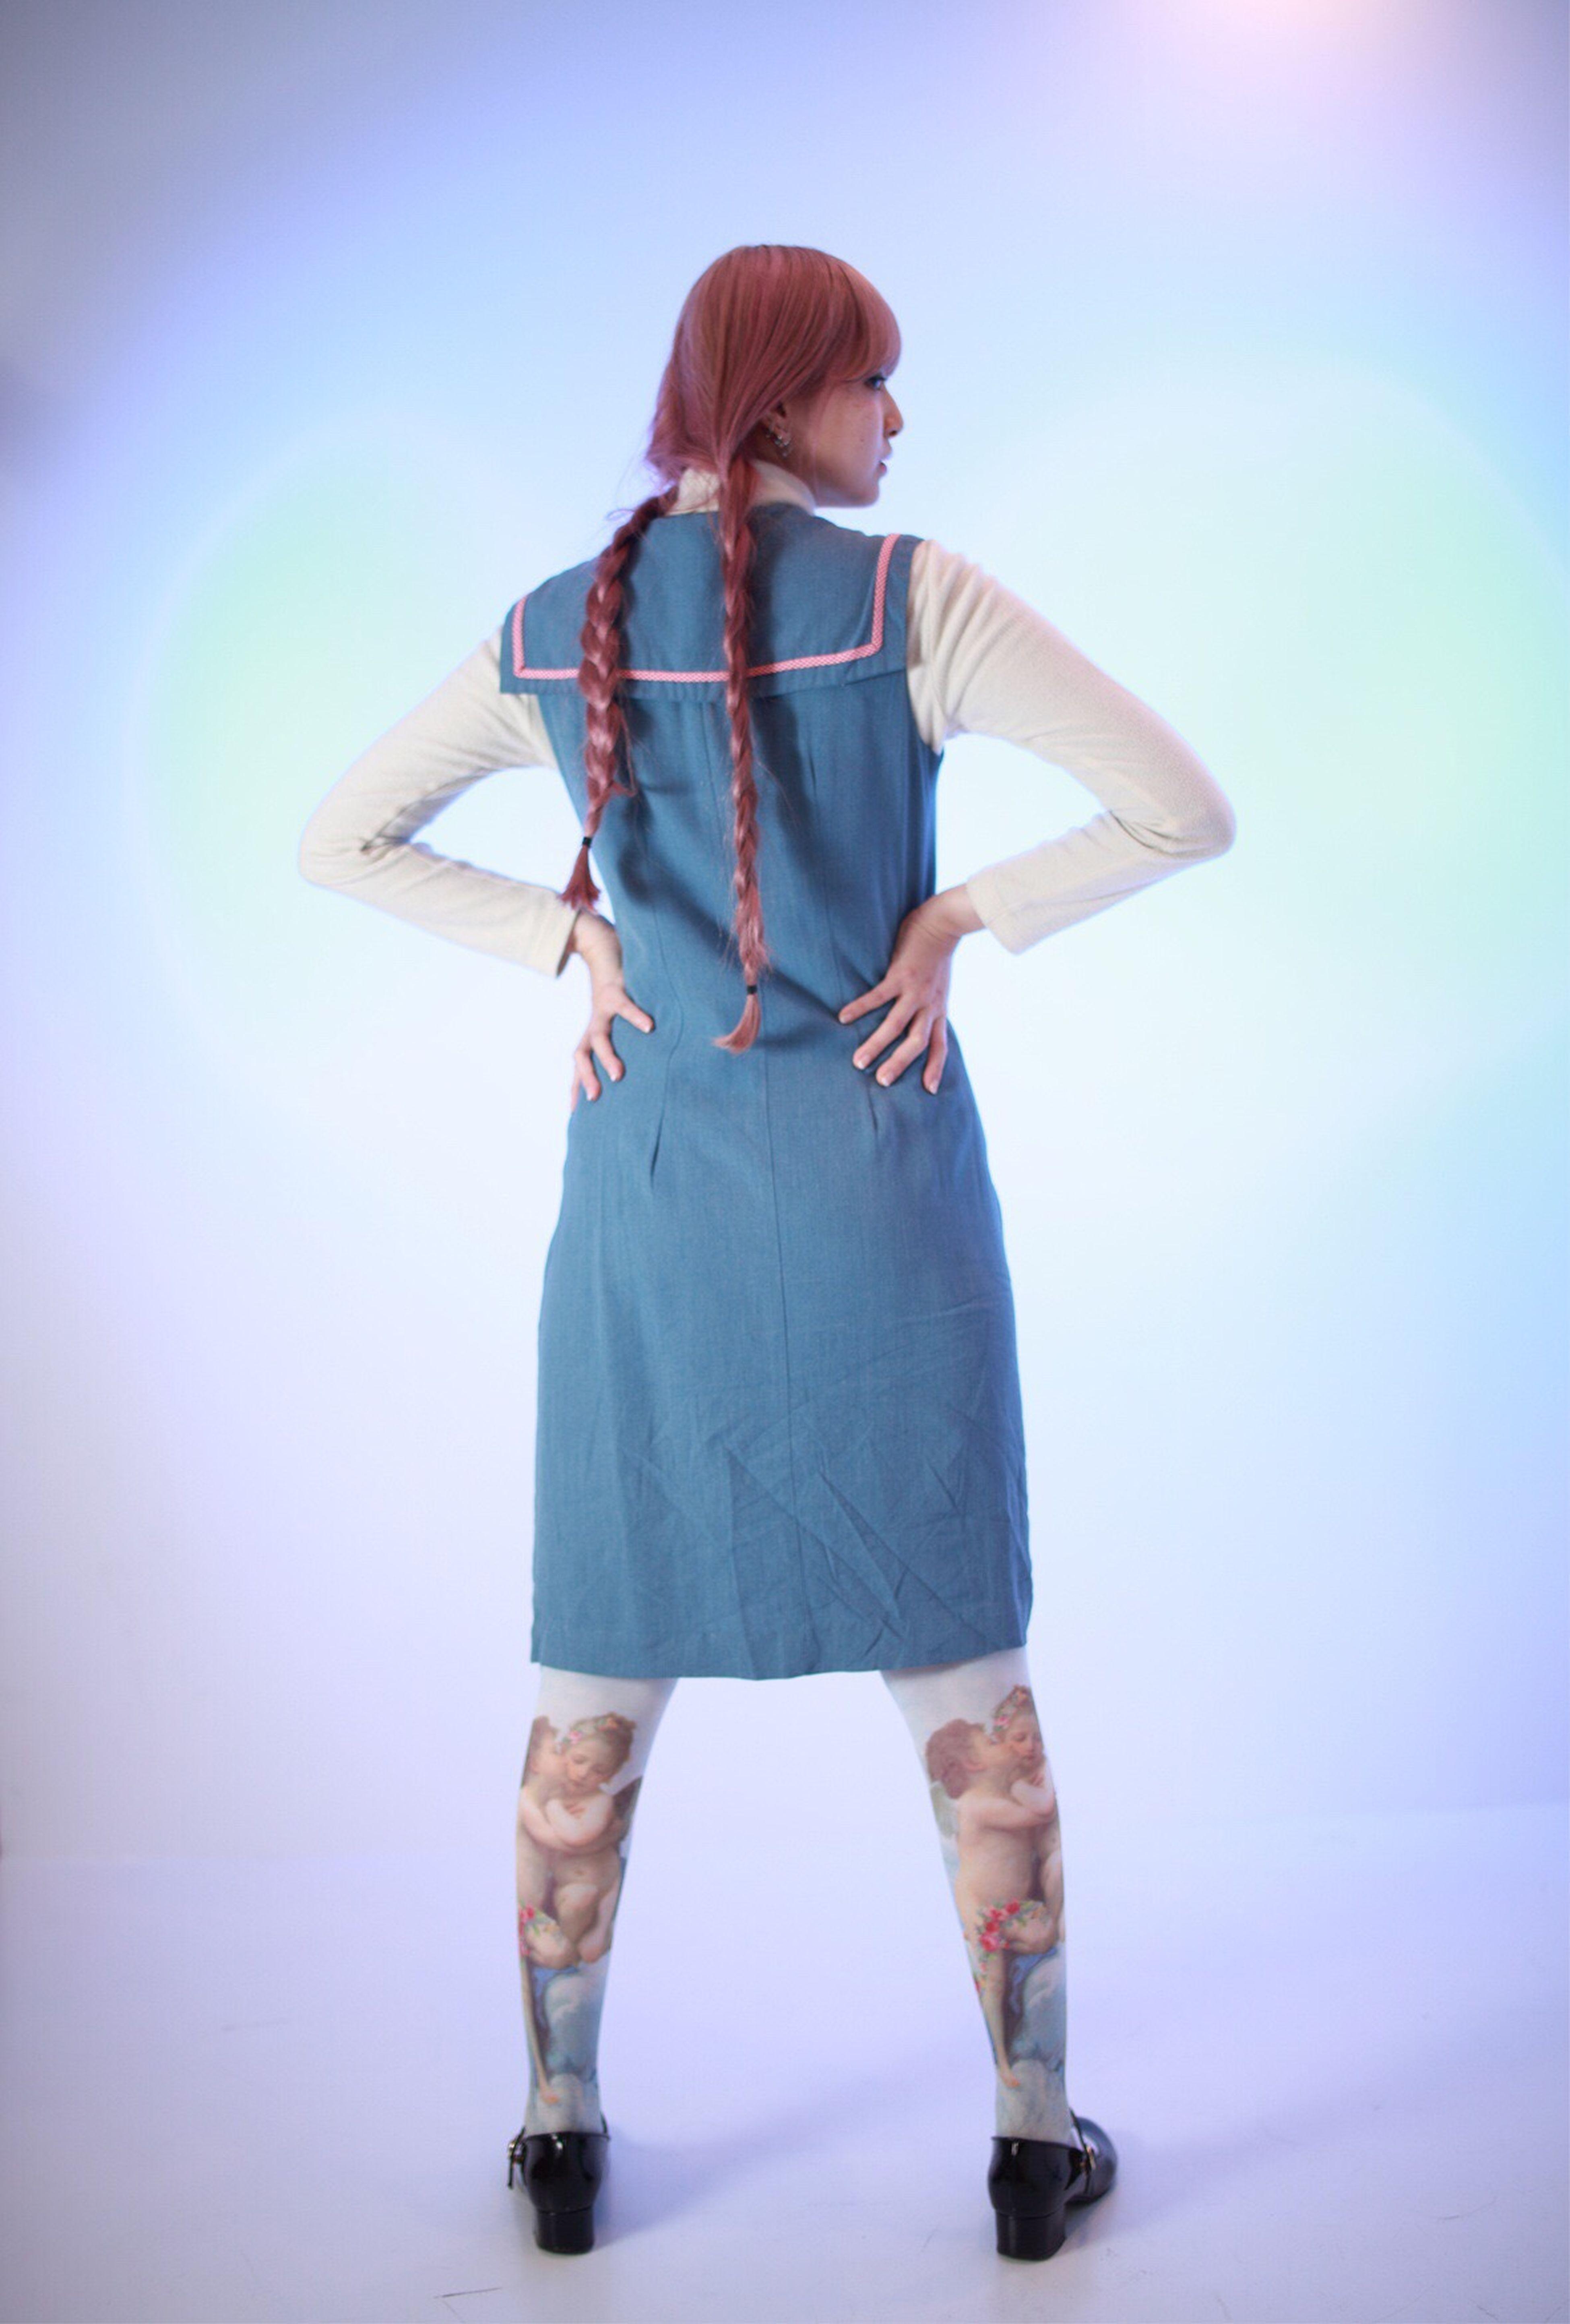 Celeste Steinの1st kiss タイツ おなじみの天使タイツを着用して見舞い。ニーハイとソックスもあります。 #ぽこあぽこ #タイツ #ポコアポコ #tights #pocoapoco #celestestein ぽこあぽこ タイツ ぽこあぽこ Tights Pocoapoco Celestestein